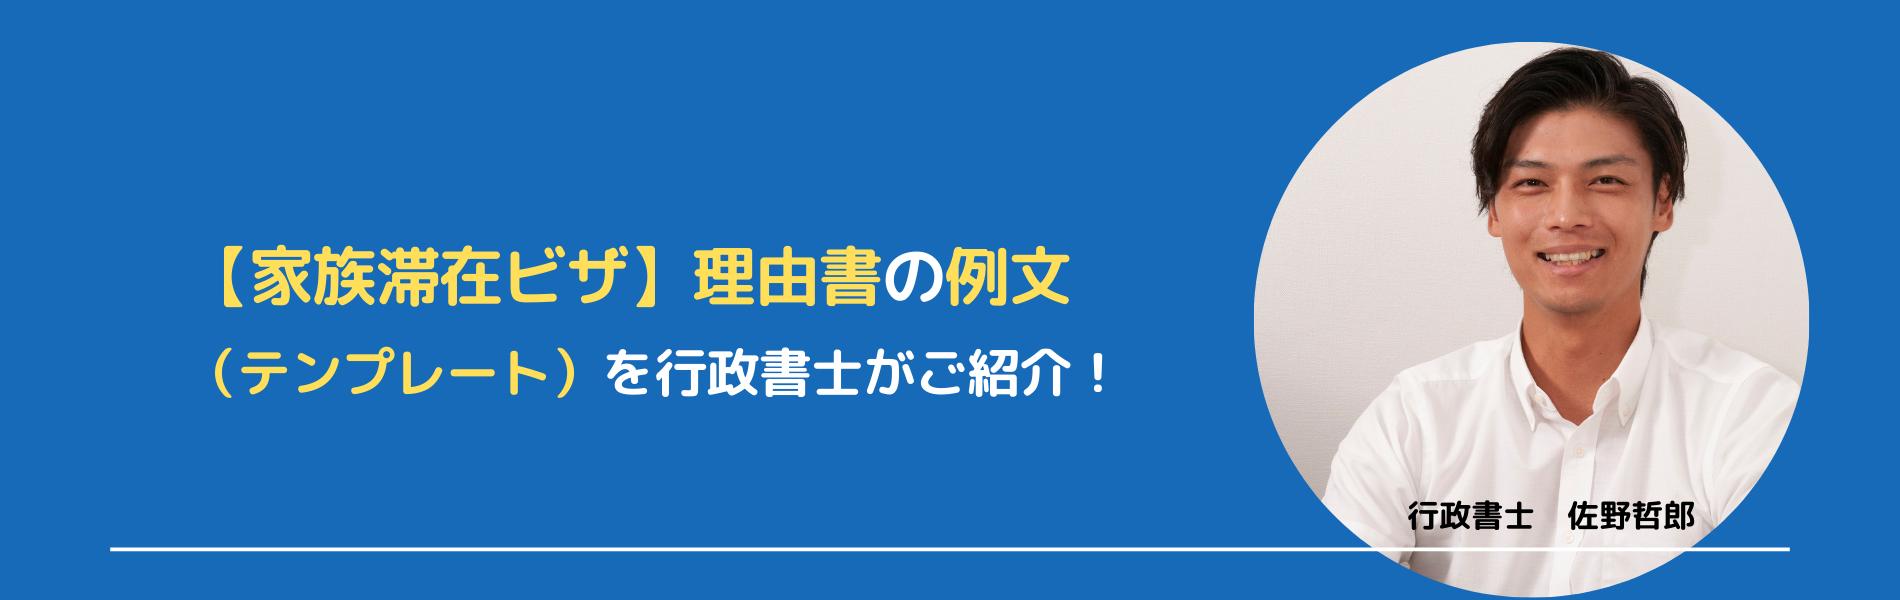 【家族滞在ビザ】申請理由書の例文(テンプレート)・書き方を行政書士がご紹介!